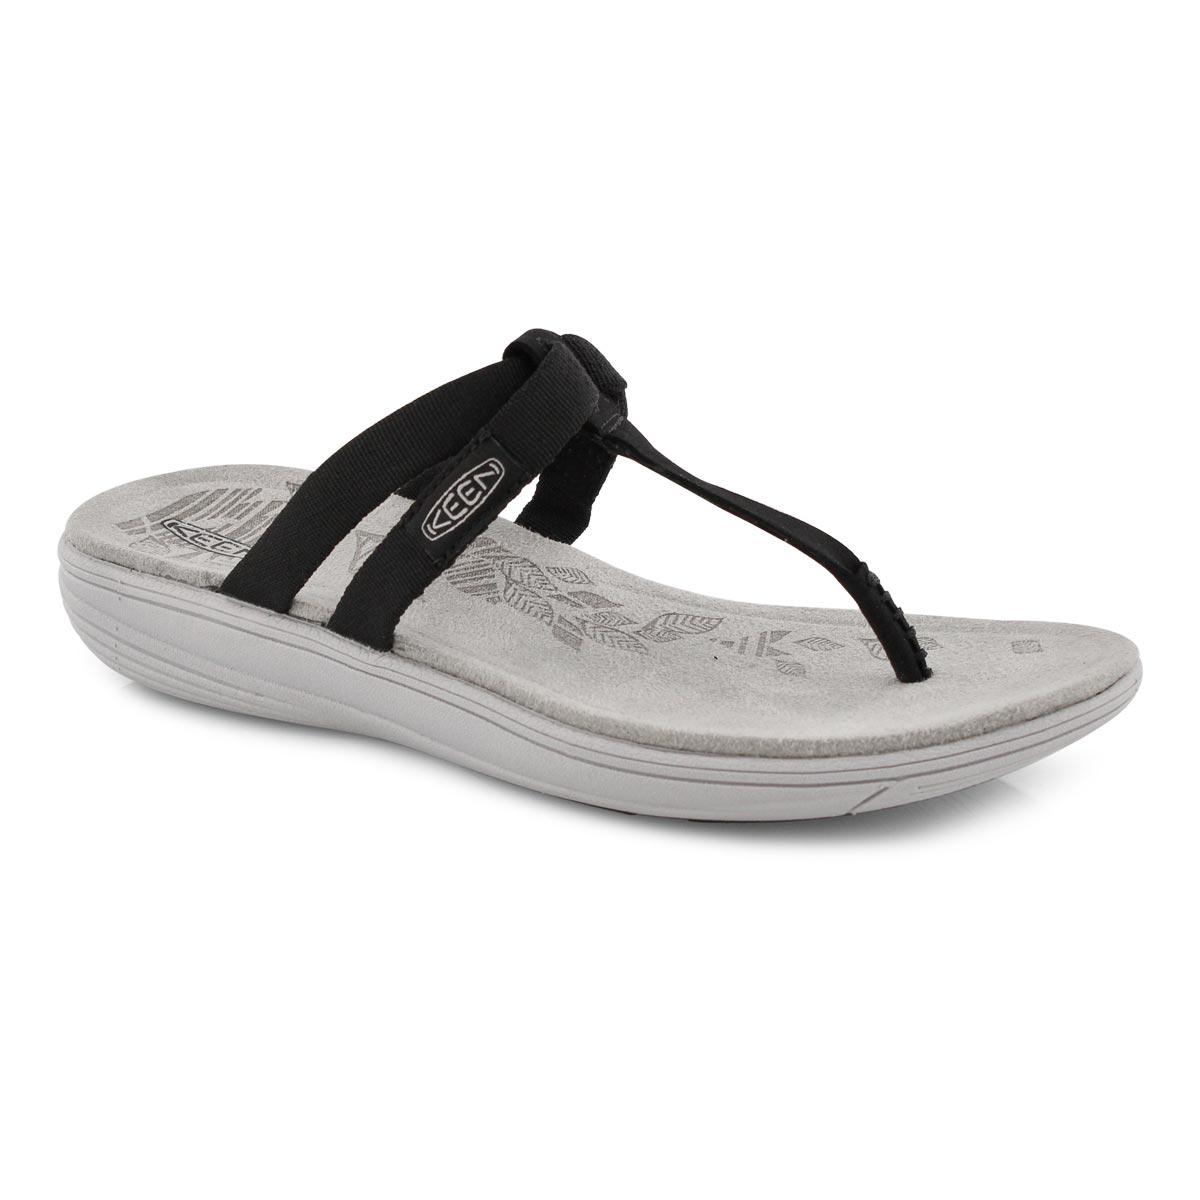 Lds Damaya Flip blk/blu thong sandal